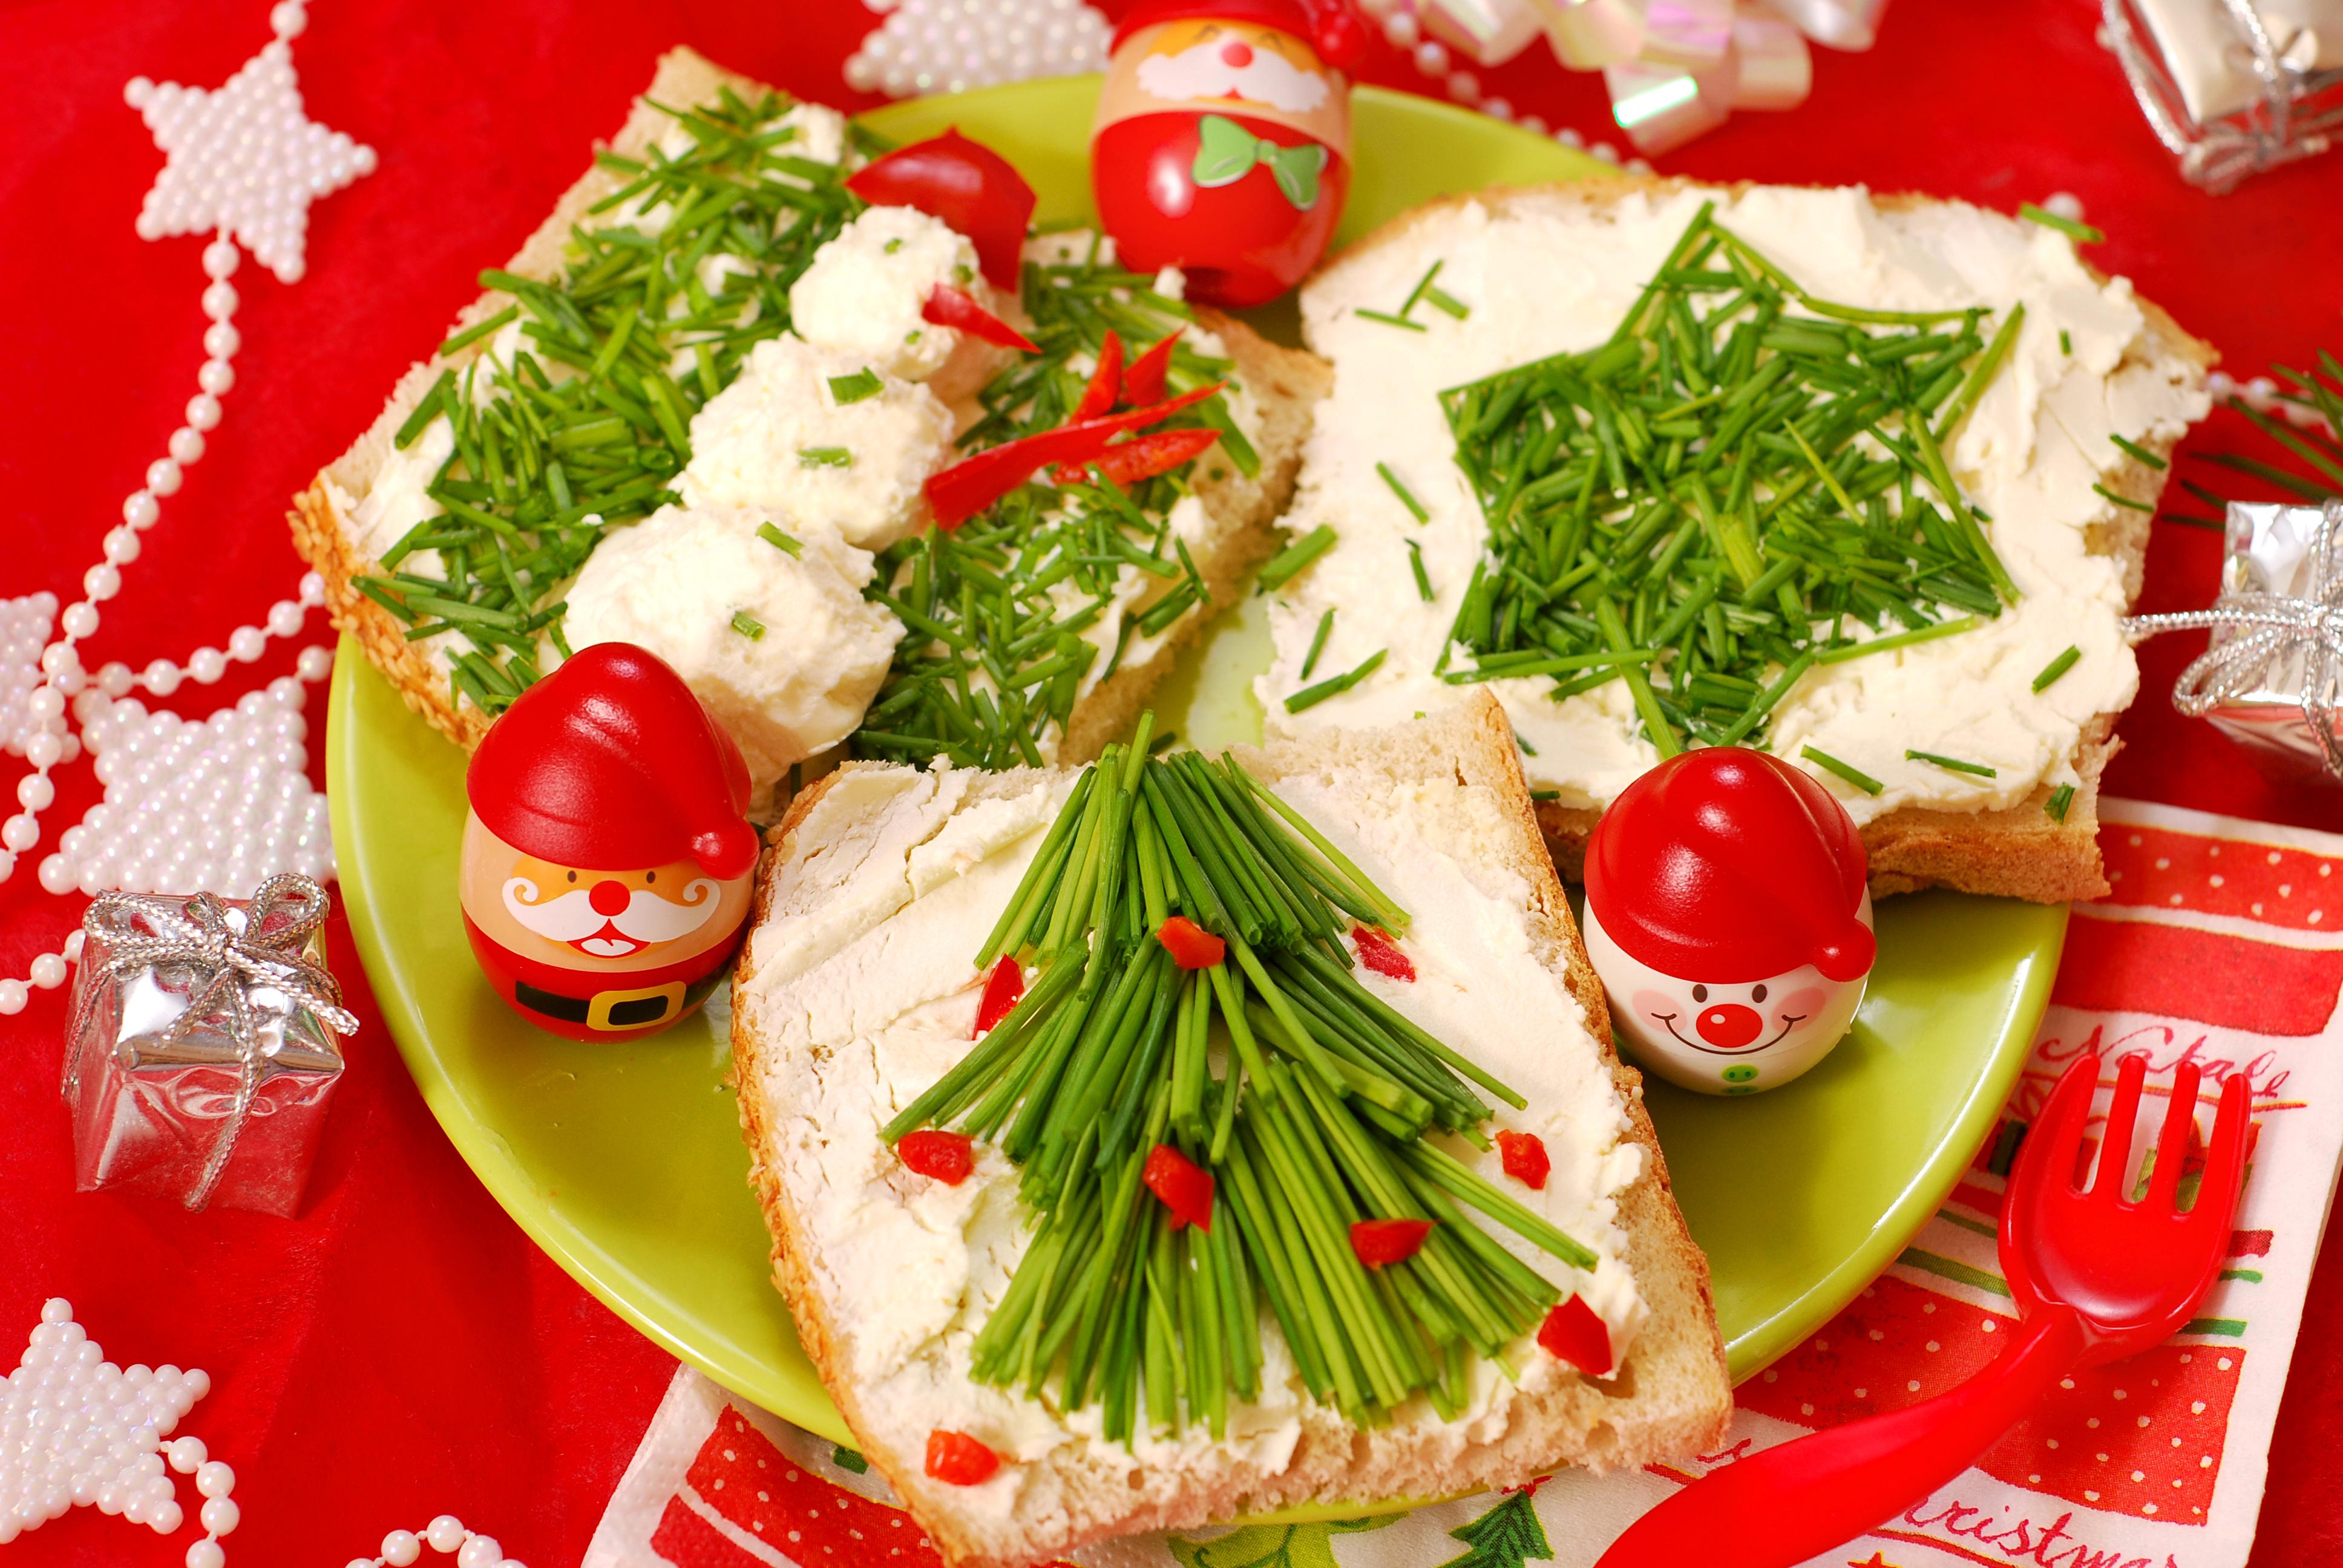 сути является закуски и салаты к новому году фото рассказали